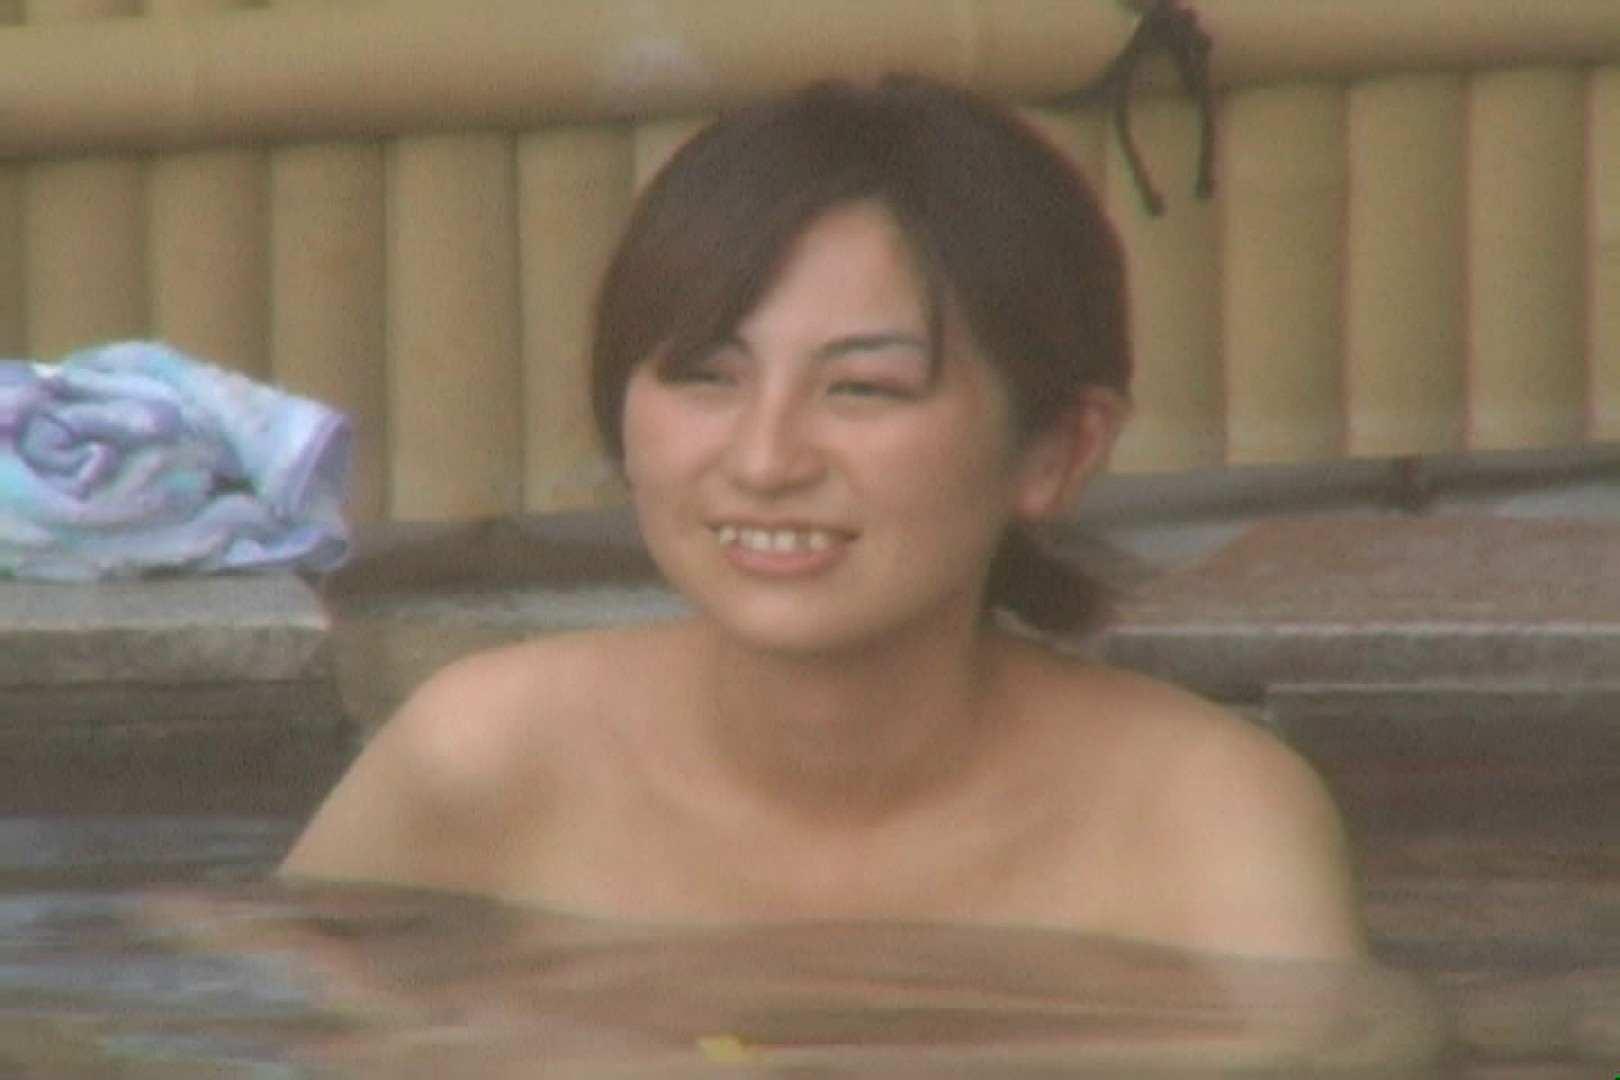 Aquaな露天風呂Vol.26【VIP】 盗撮師作品 スケベ動画紹介 73pic 53